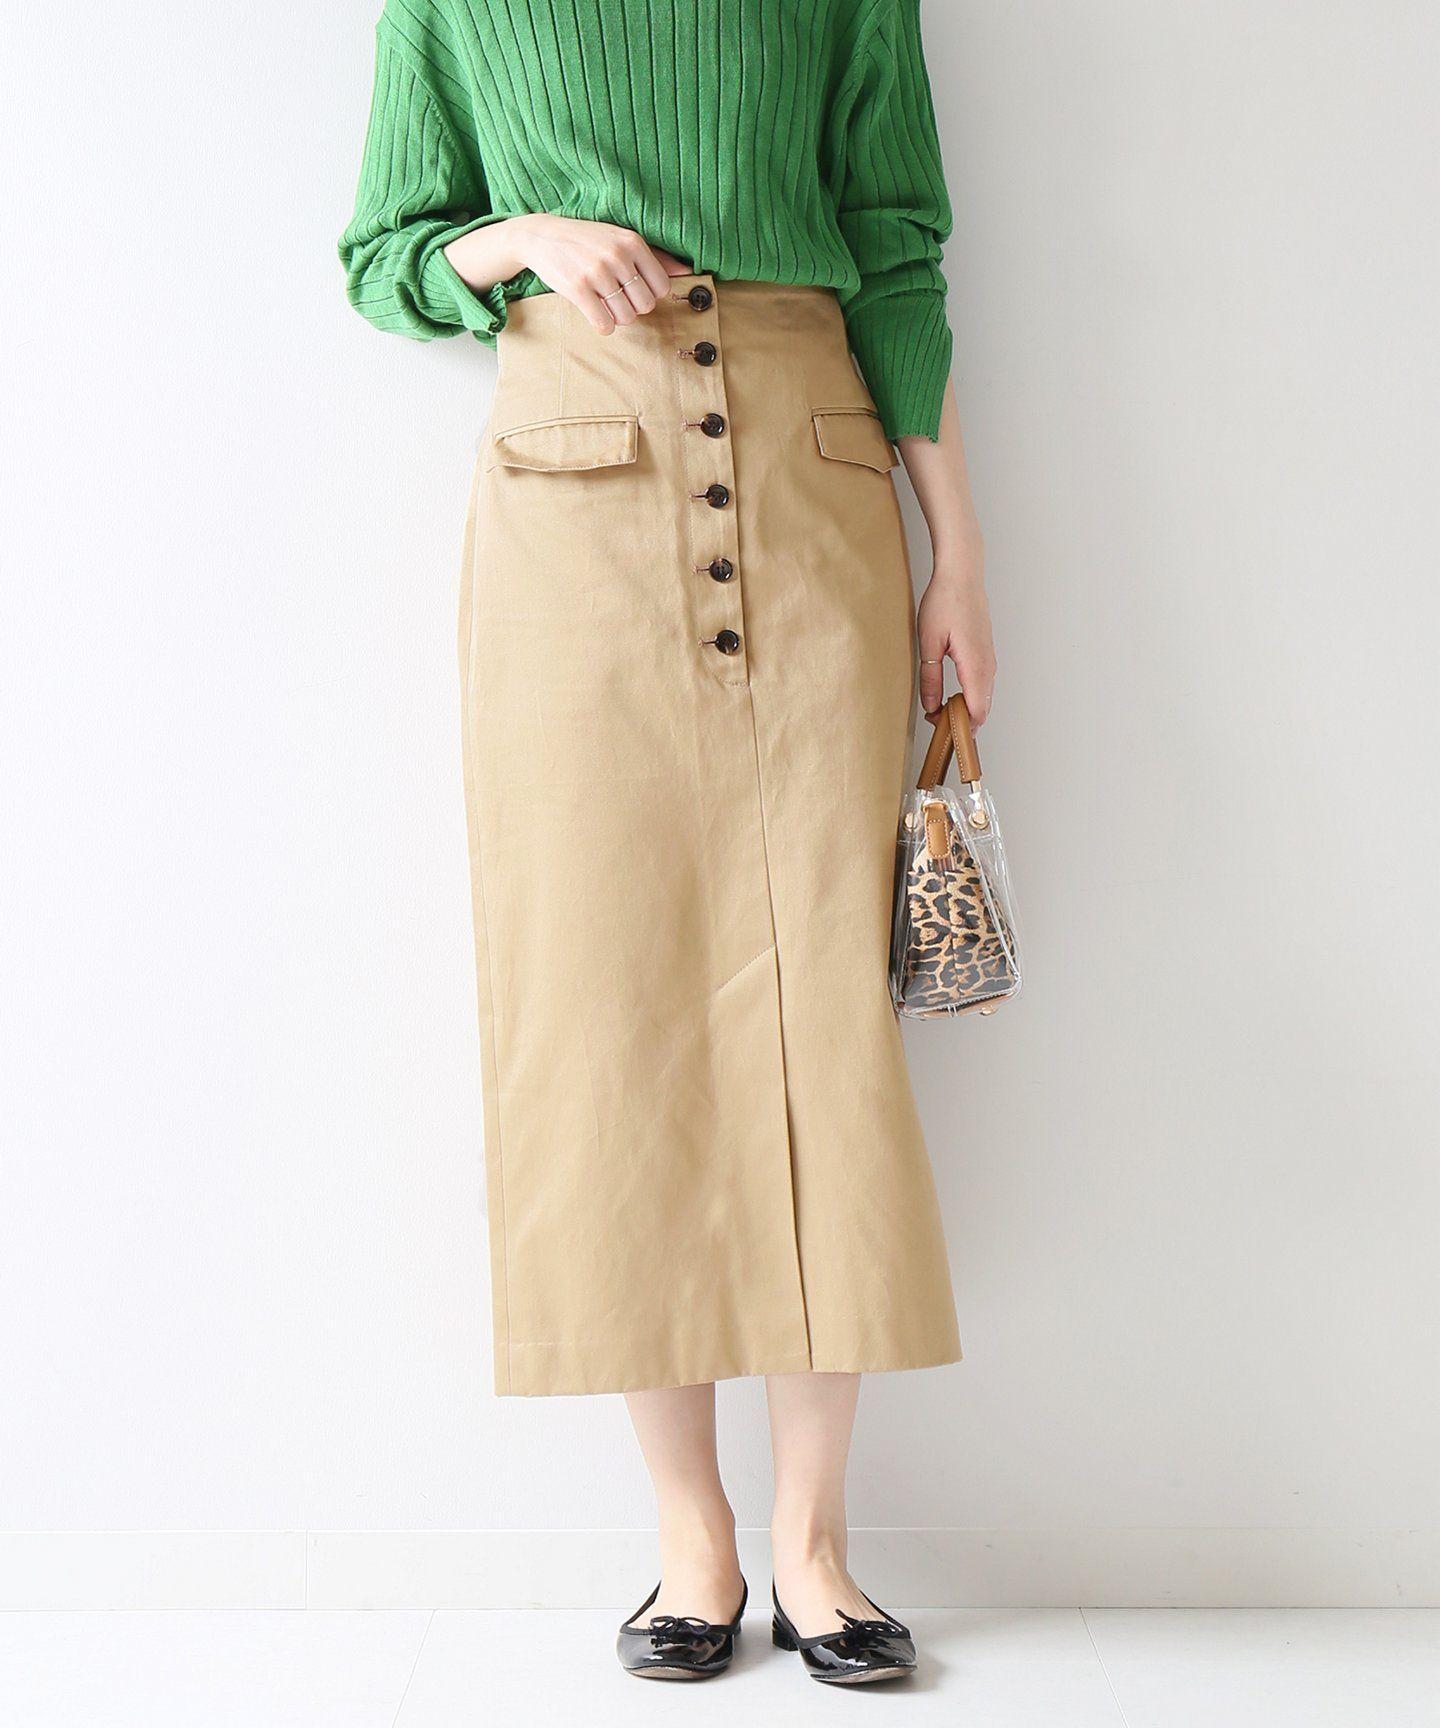 フロントボタンタイトスカート spick and span スピック スパン 公式のファッション通販 19060200501010 baycrew s store ファッション ファッションアイデア ファッション通販